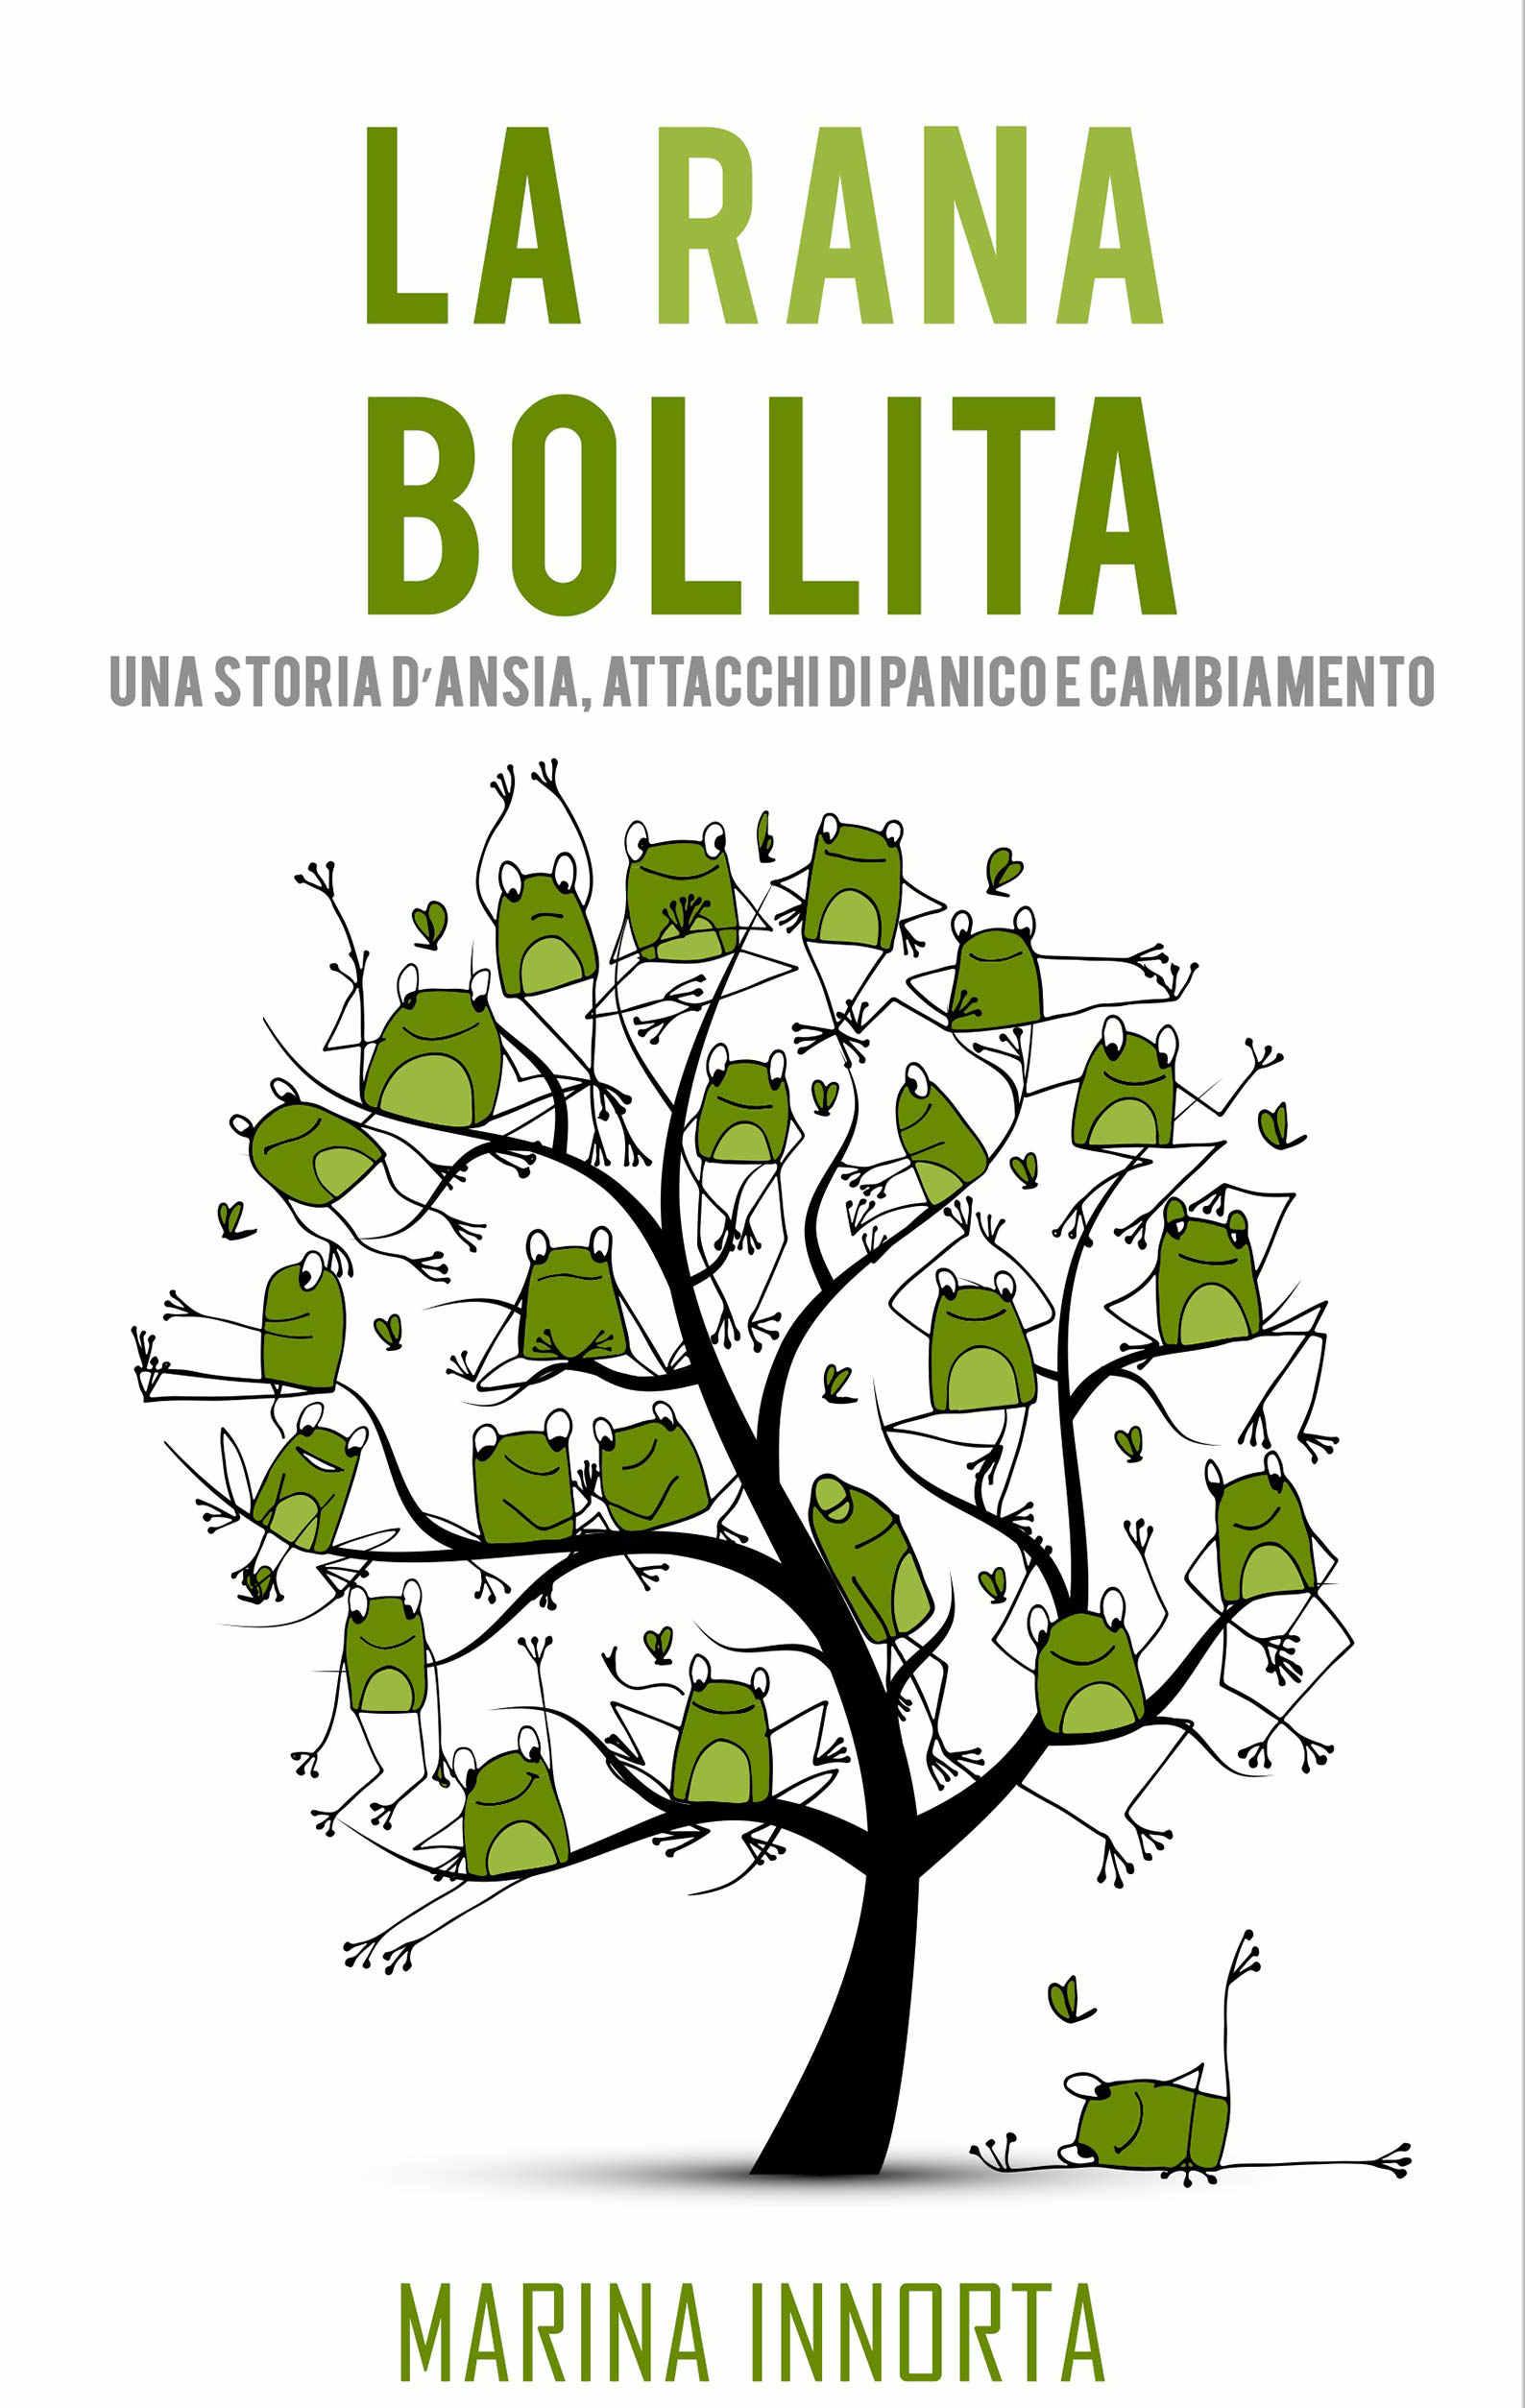 La rana bollita: una storia di ansia, attacchi di panico e cambiamento (2017) di M. Innorta – Recensione del libro